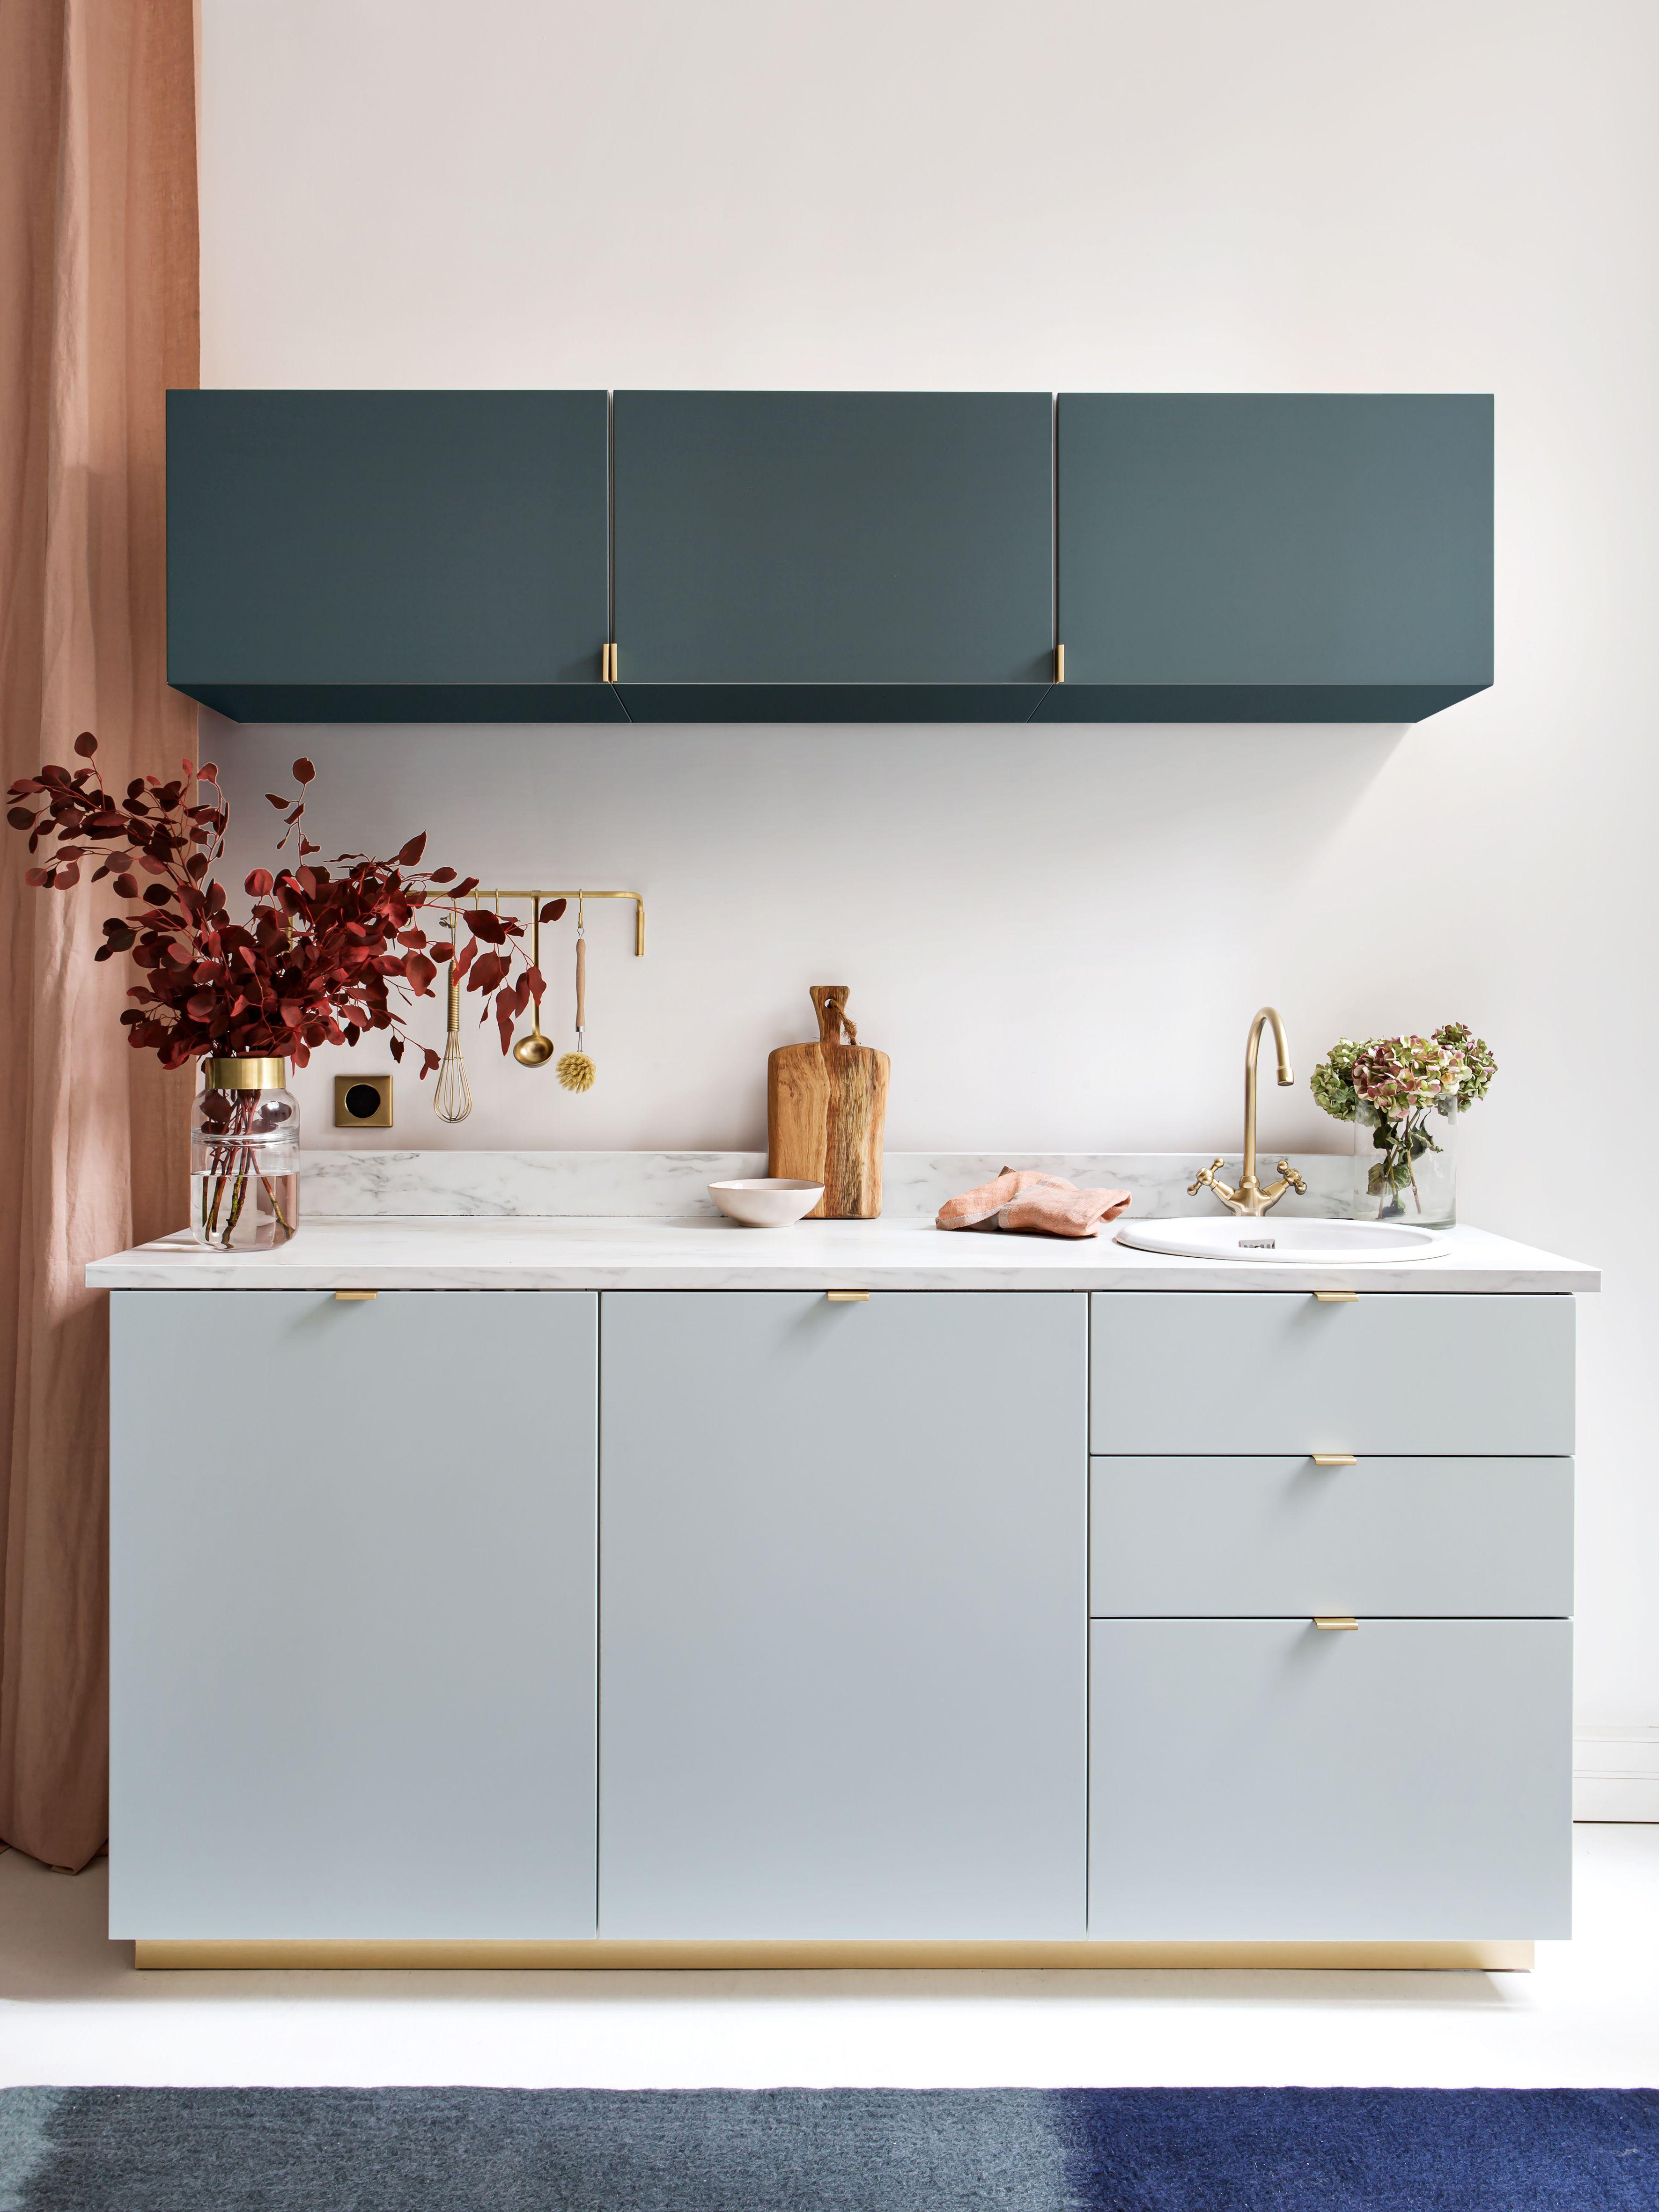 Cuisine Plum Bi Colore En 2020 Meuble De Cuisine Ikea Meuble Cuisine Cuisine Ikea